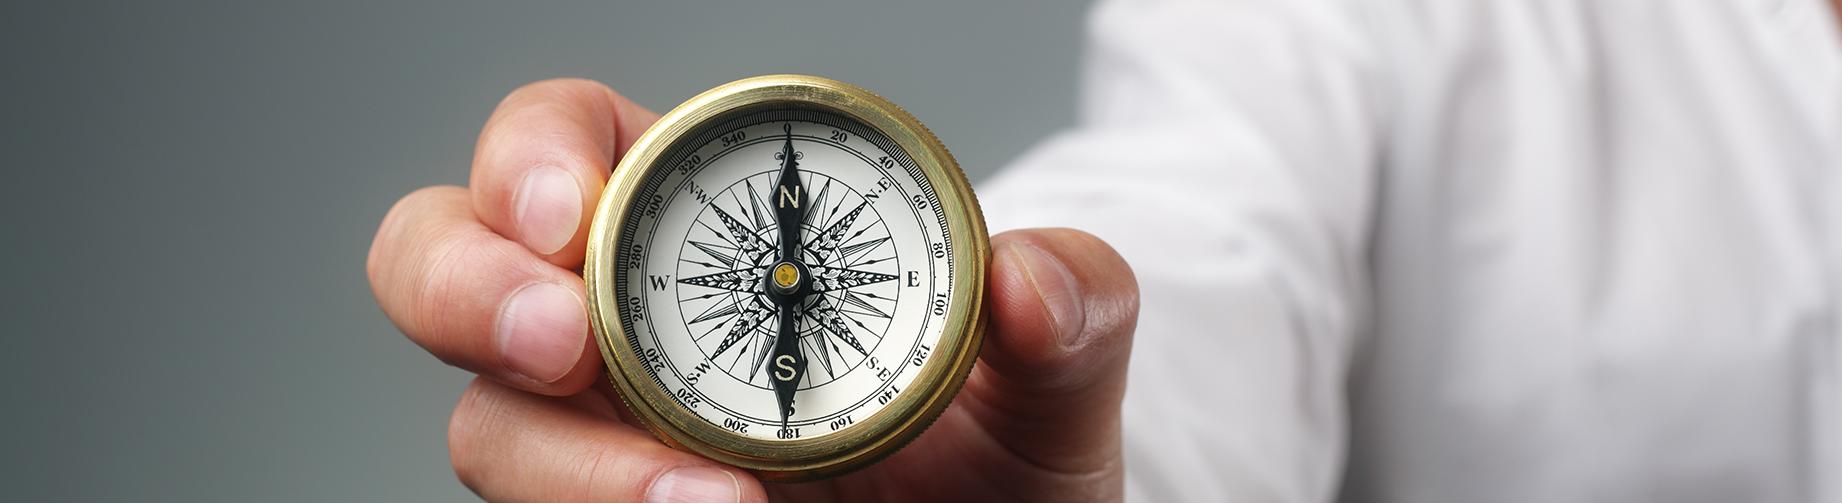 homeslider_compass - TransGlobal Adjusting